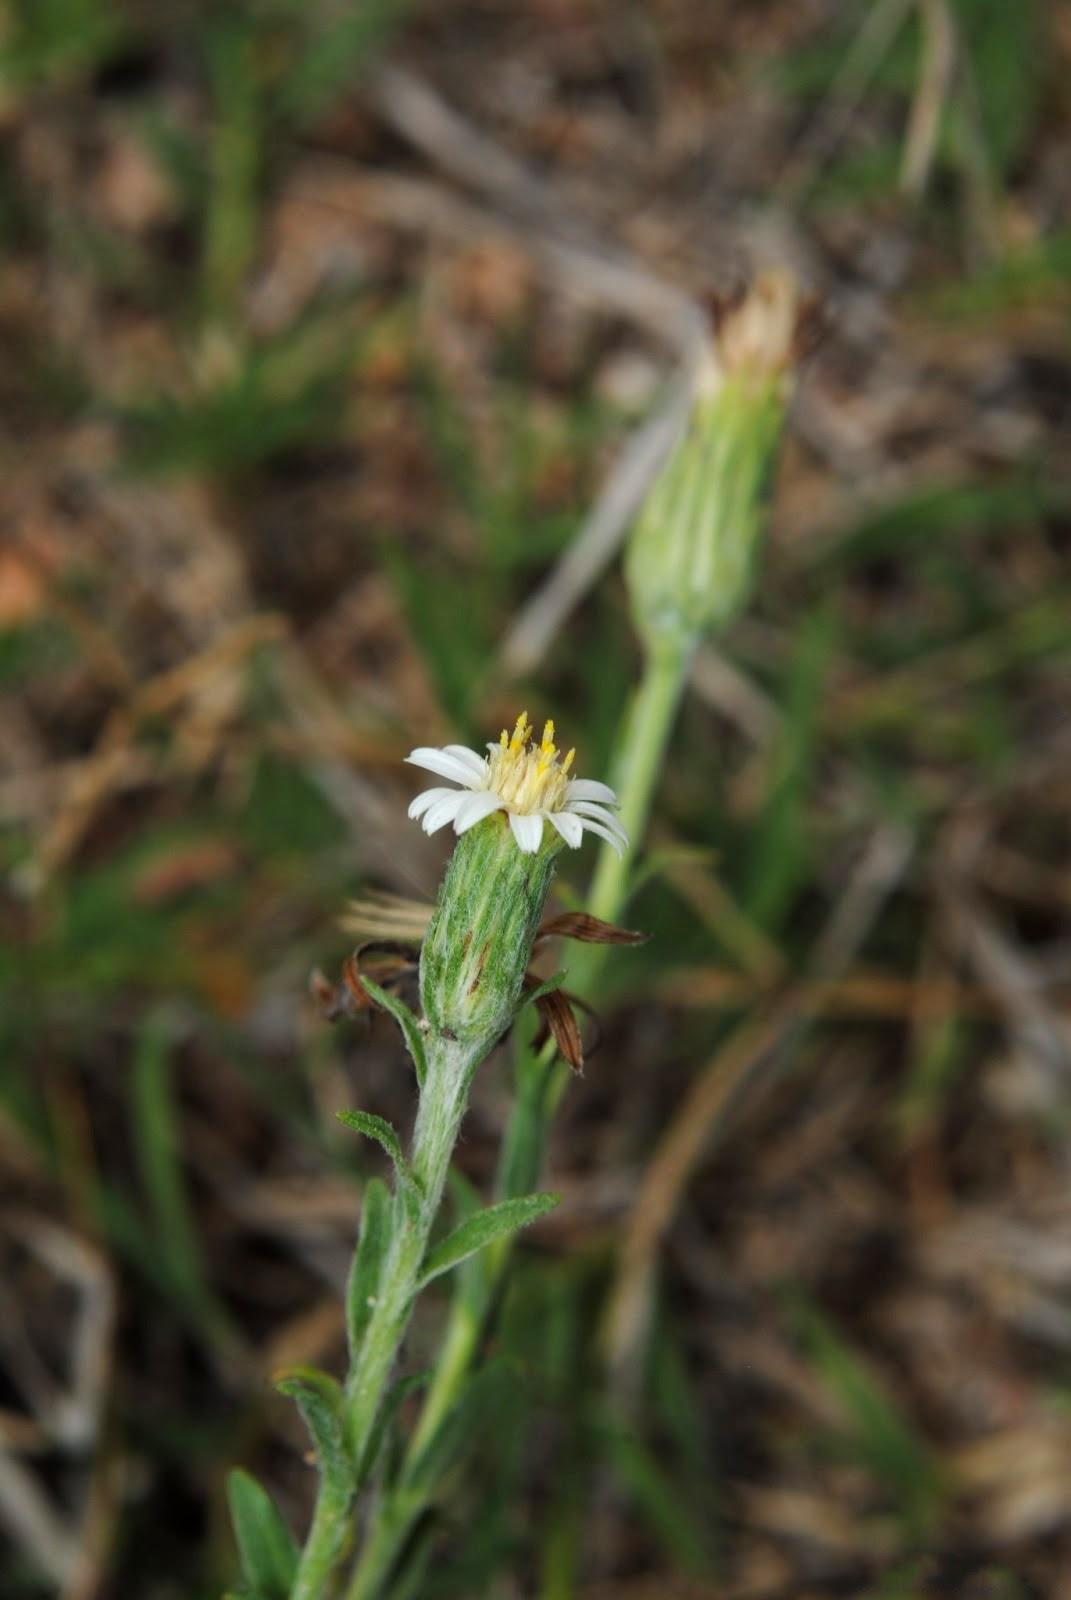 File noticastrum gnaphalioides soriano palmar suelo for Suelo pedregoso